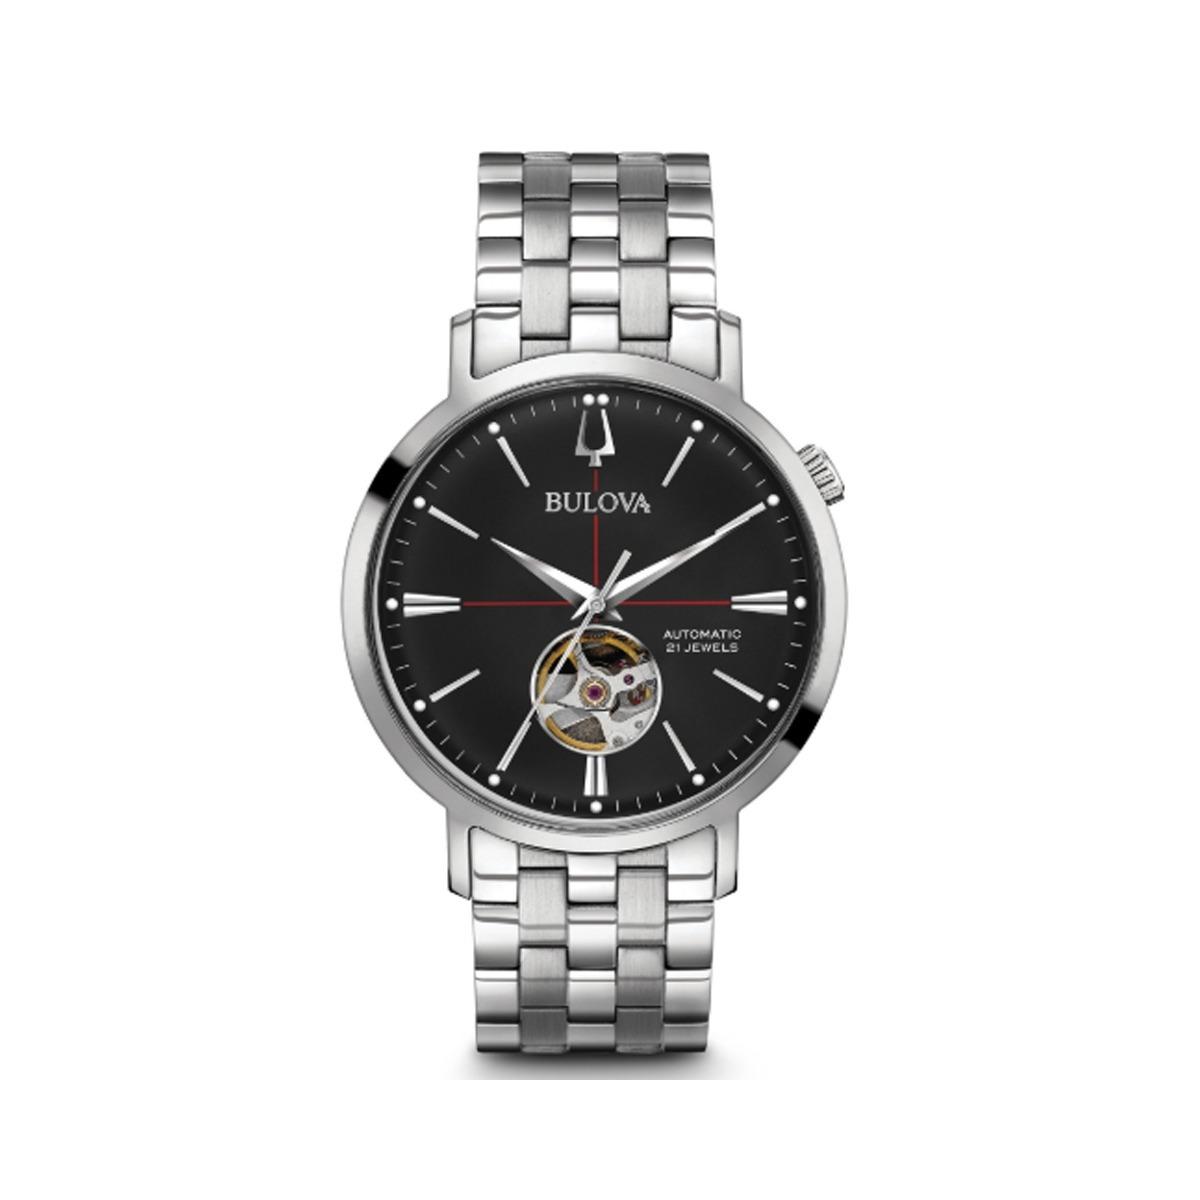 4705d9f79b0 Características. Marca Bulova  Linha Automatic  Modelo 96A199  Gênero  Masculino  Material da correia do relógio ...